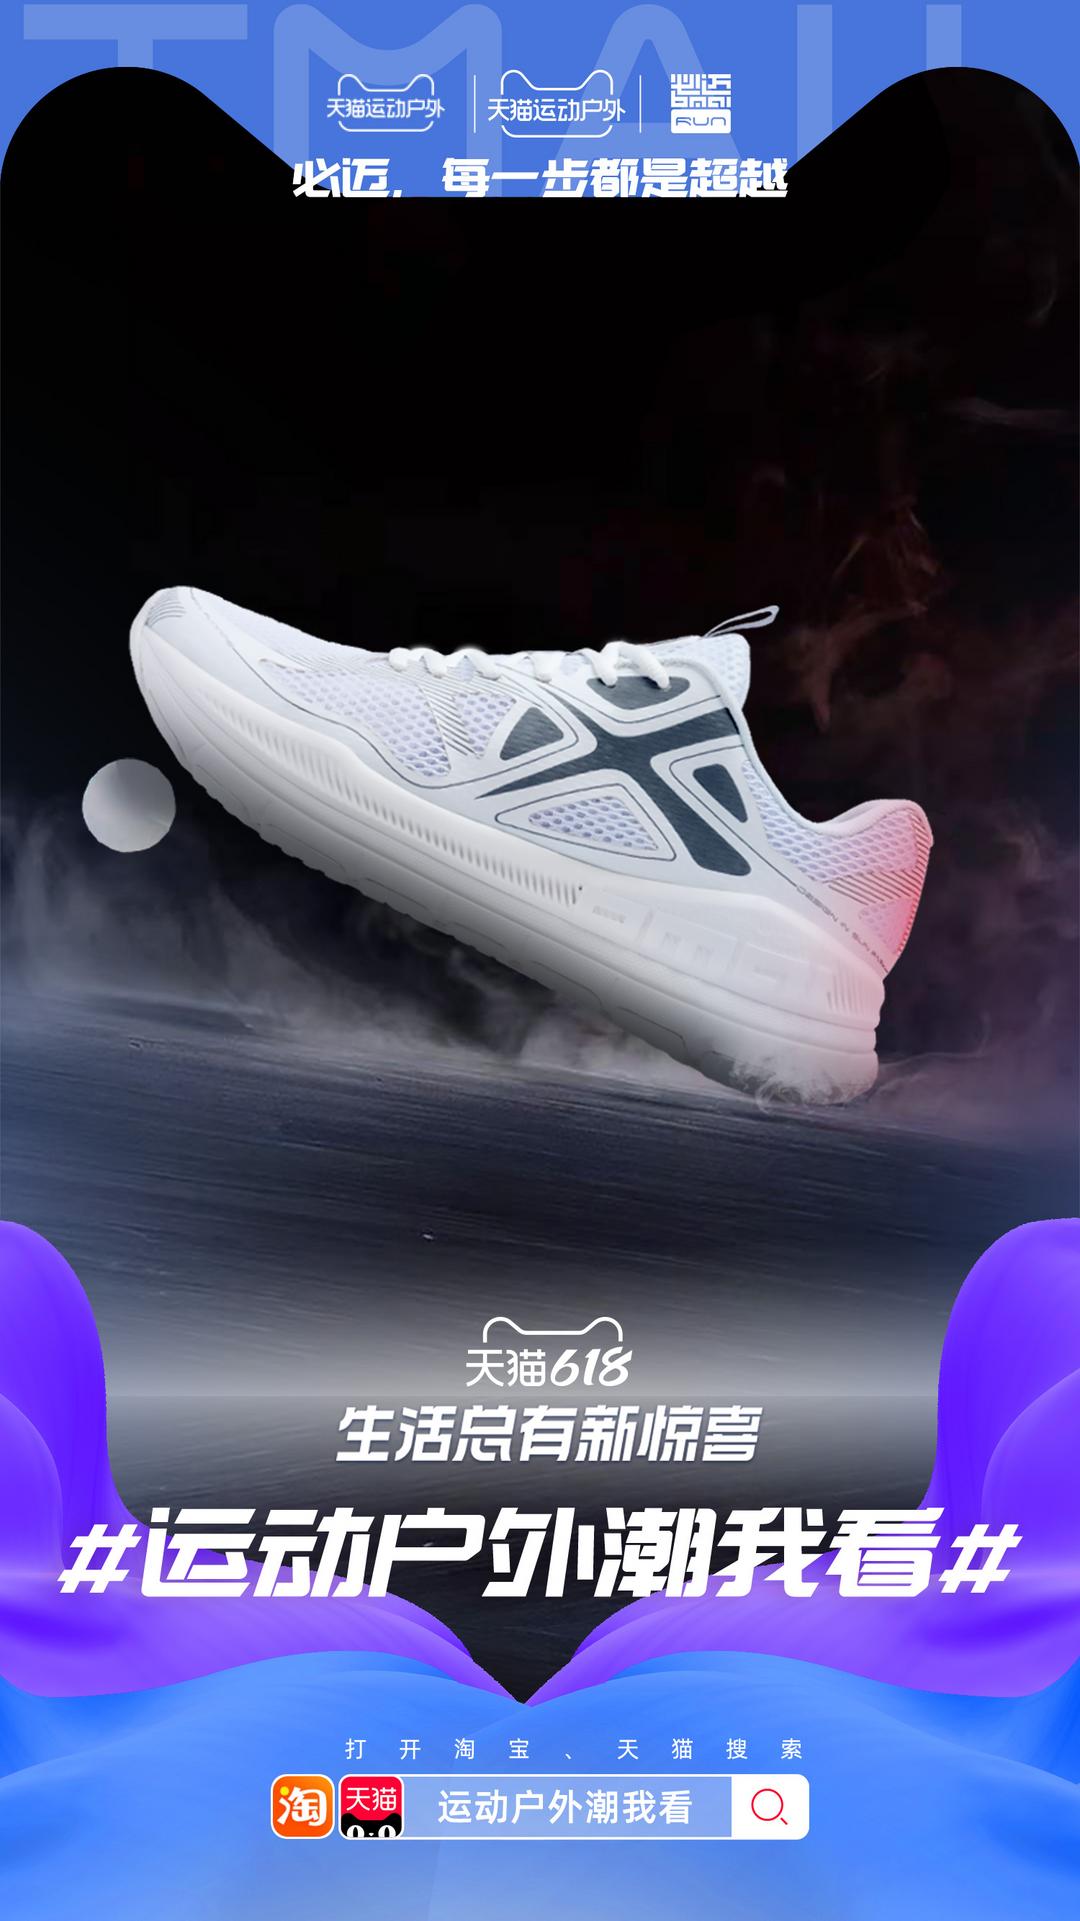 【评论有奖】必迈远征者Pure慢跑鞋,国产跑鞋新代表